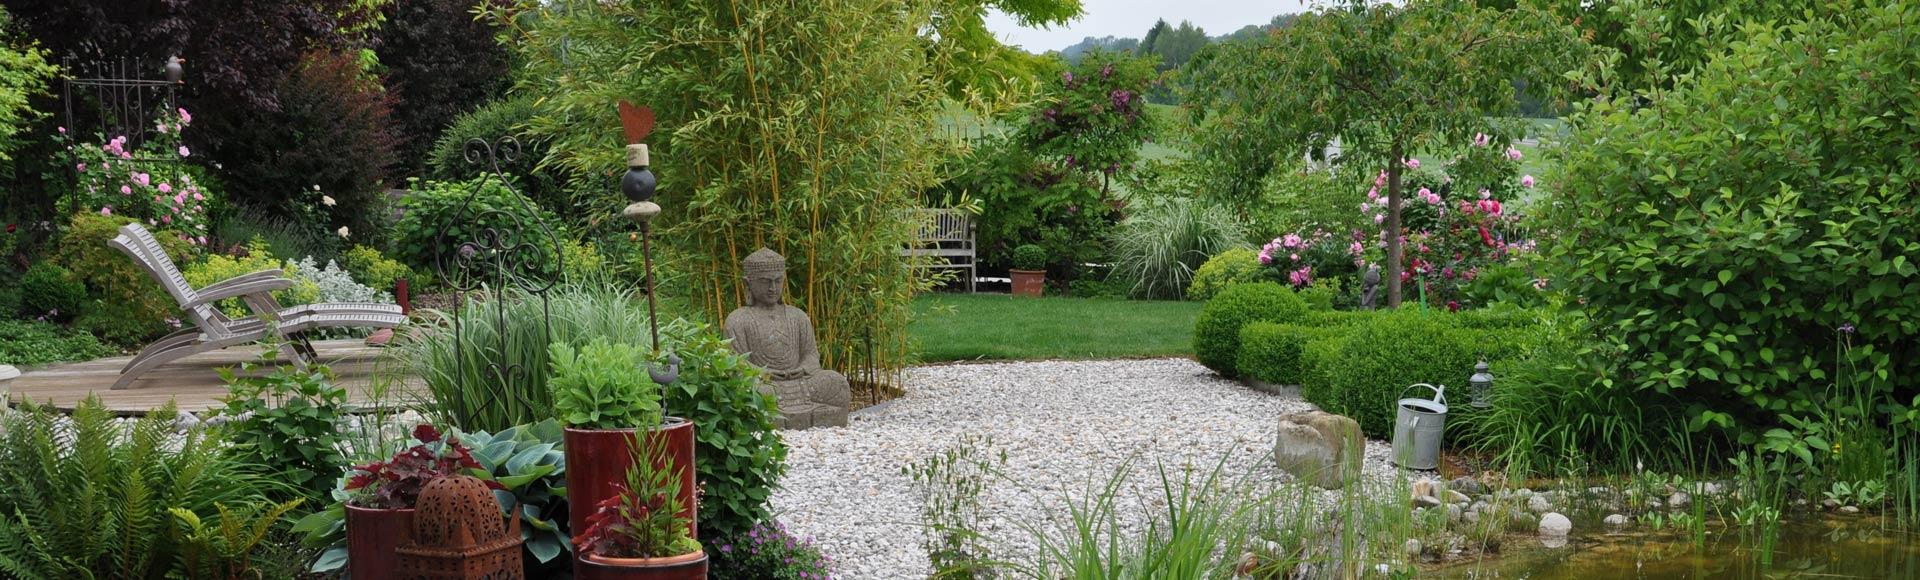 Keramik Und Garten Offenes Atelier Für Gartenkeramik Schaugarten